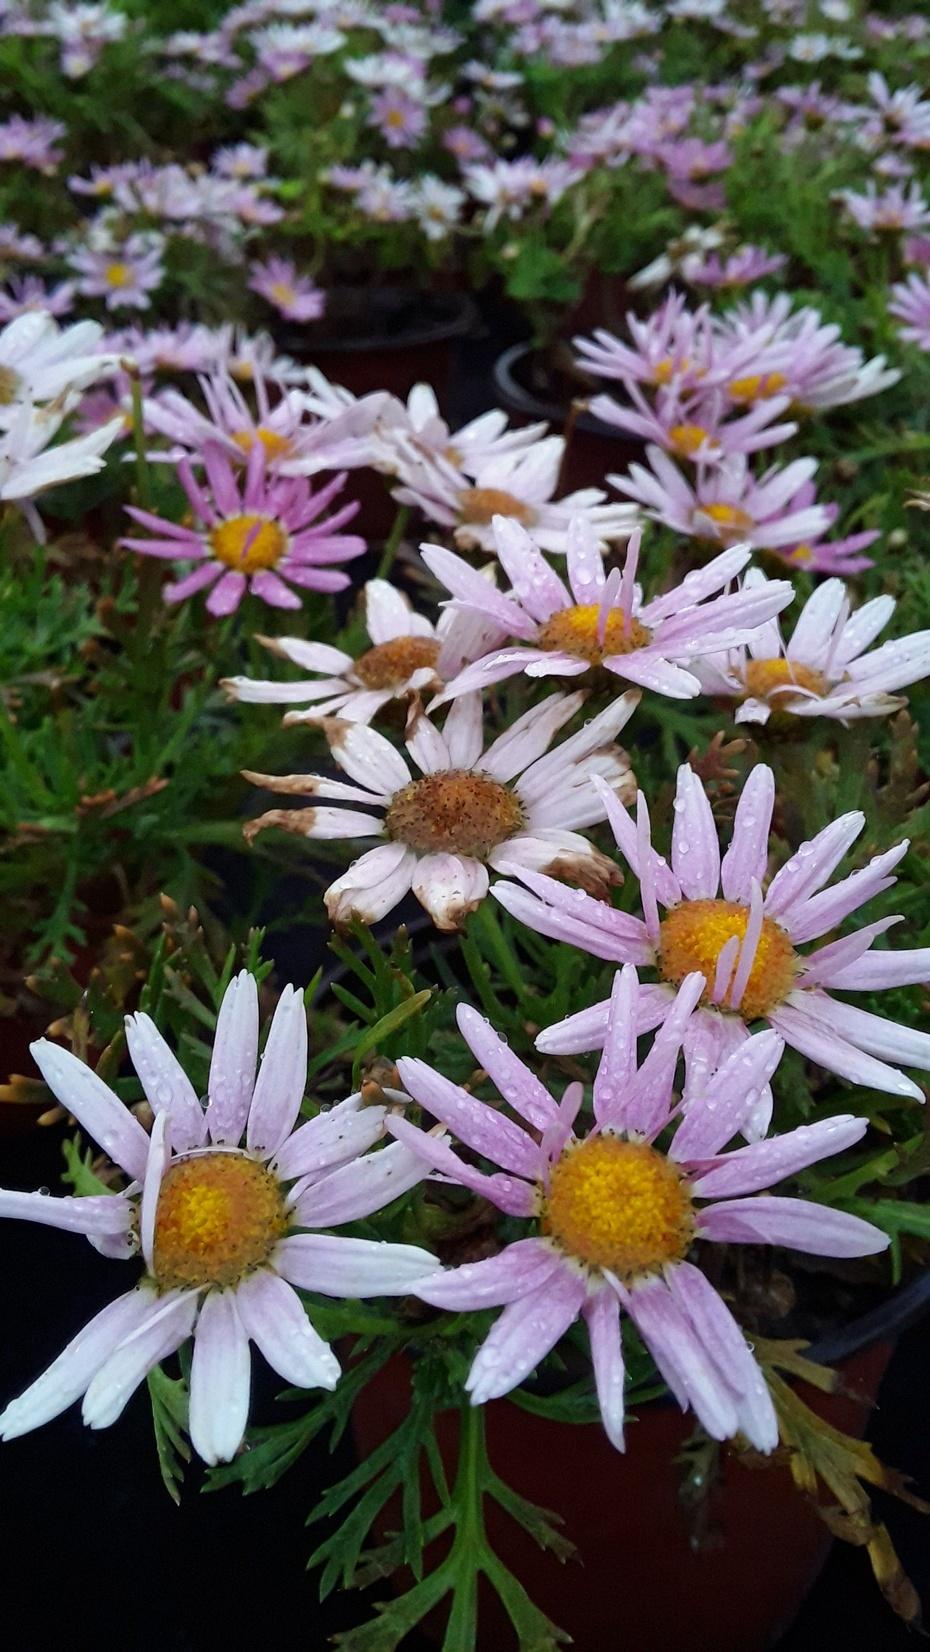 赏花之:雏菊 - 淡淡云 - 淡淡云